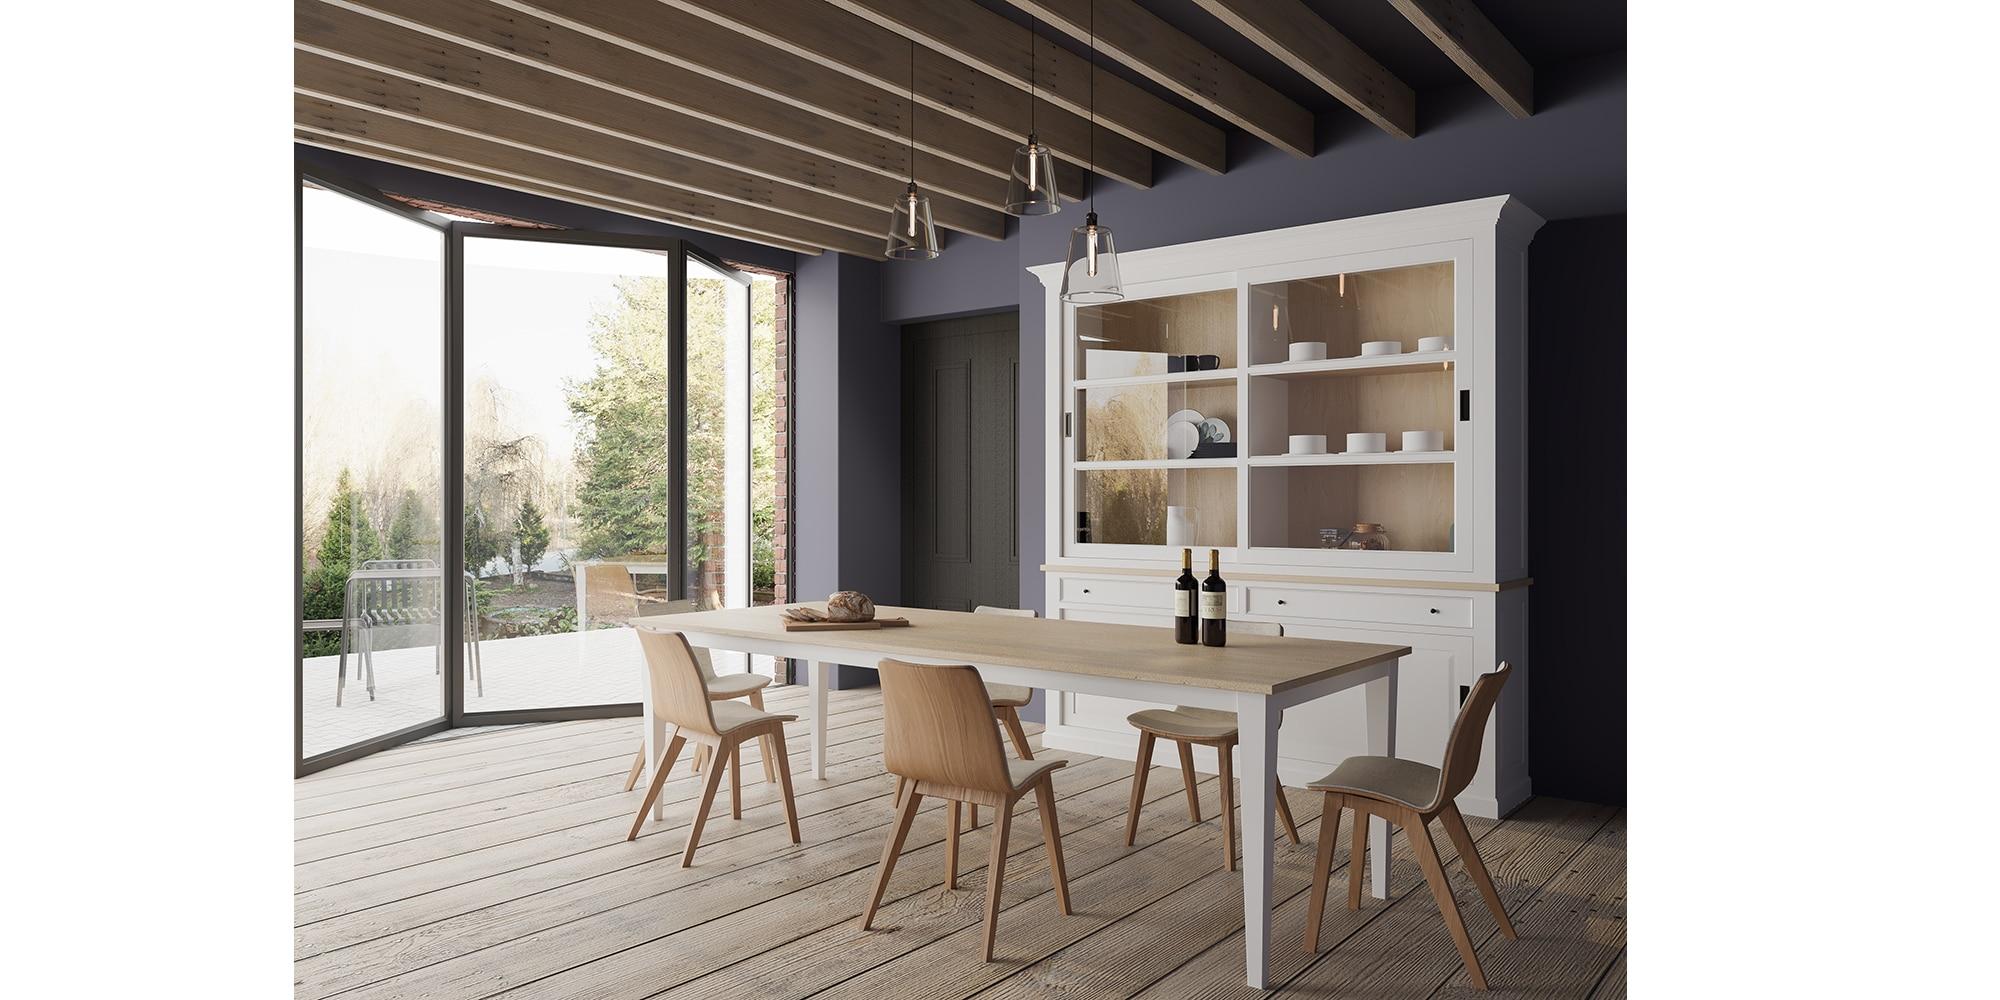 Table rectangulaire avec rallonges en bois massif de style cottage / charme sur mesure